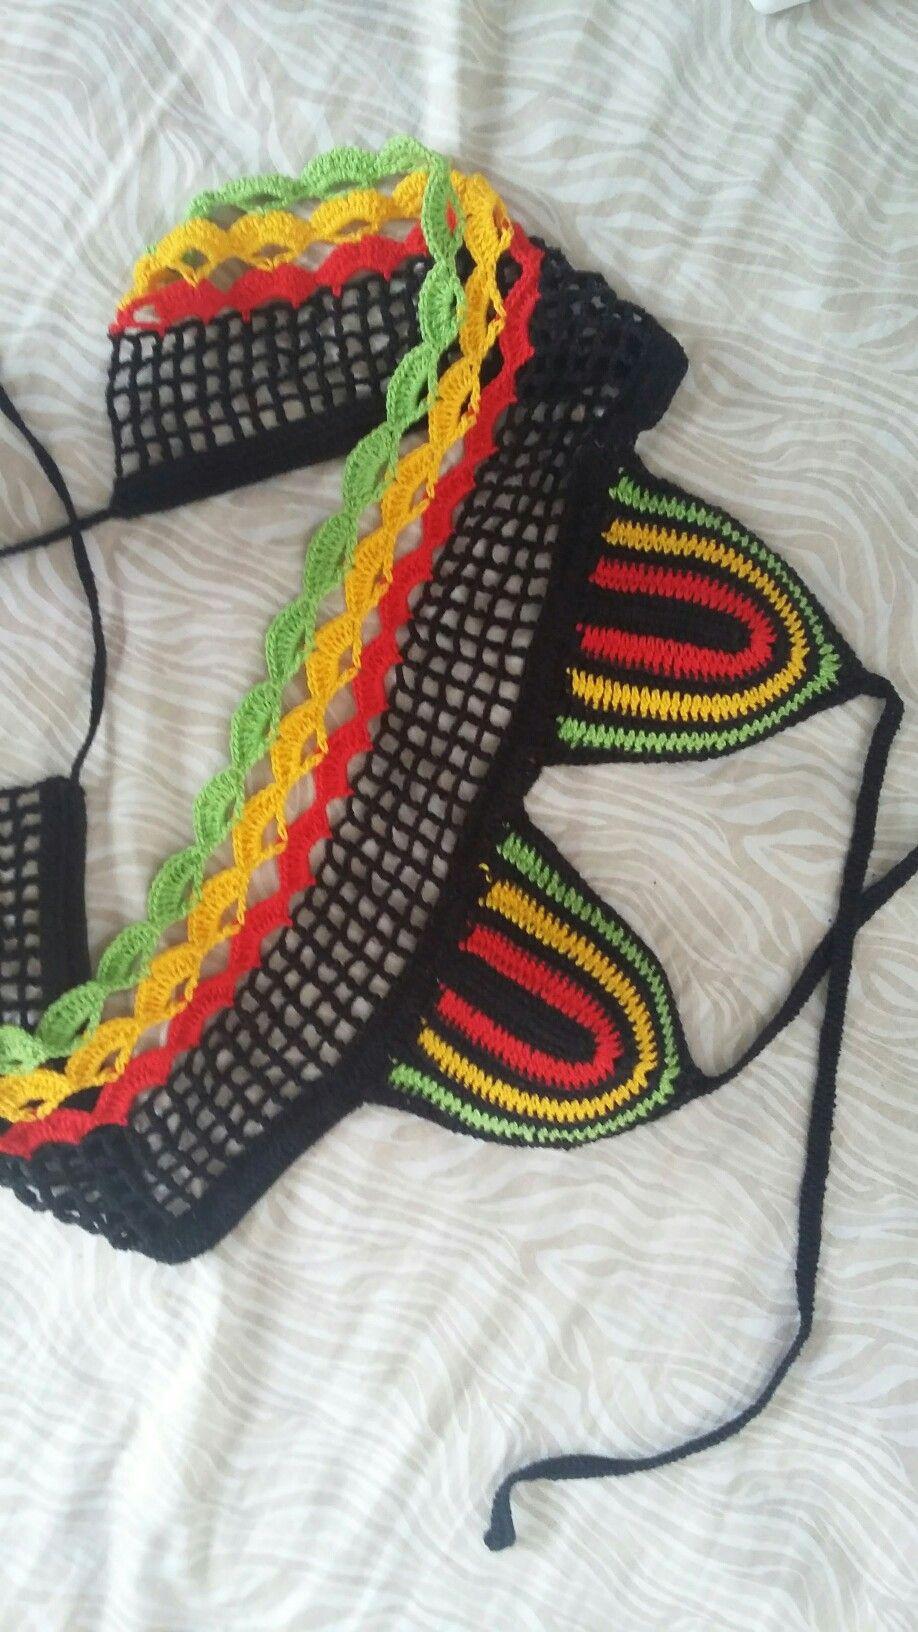 Lujoso Patrón De Crochet Tapa Quimioterapia Motivo - Manta de Tejer ...